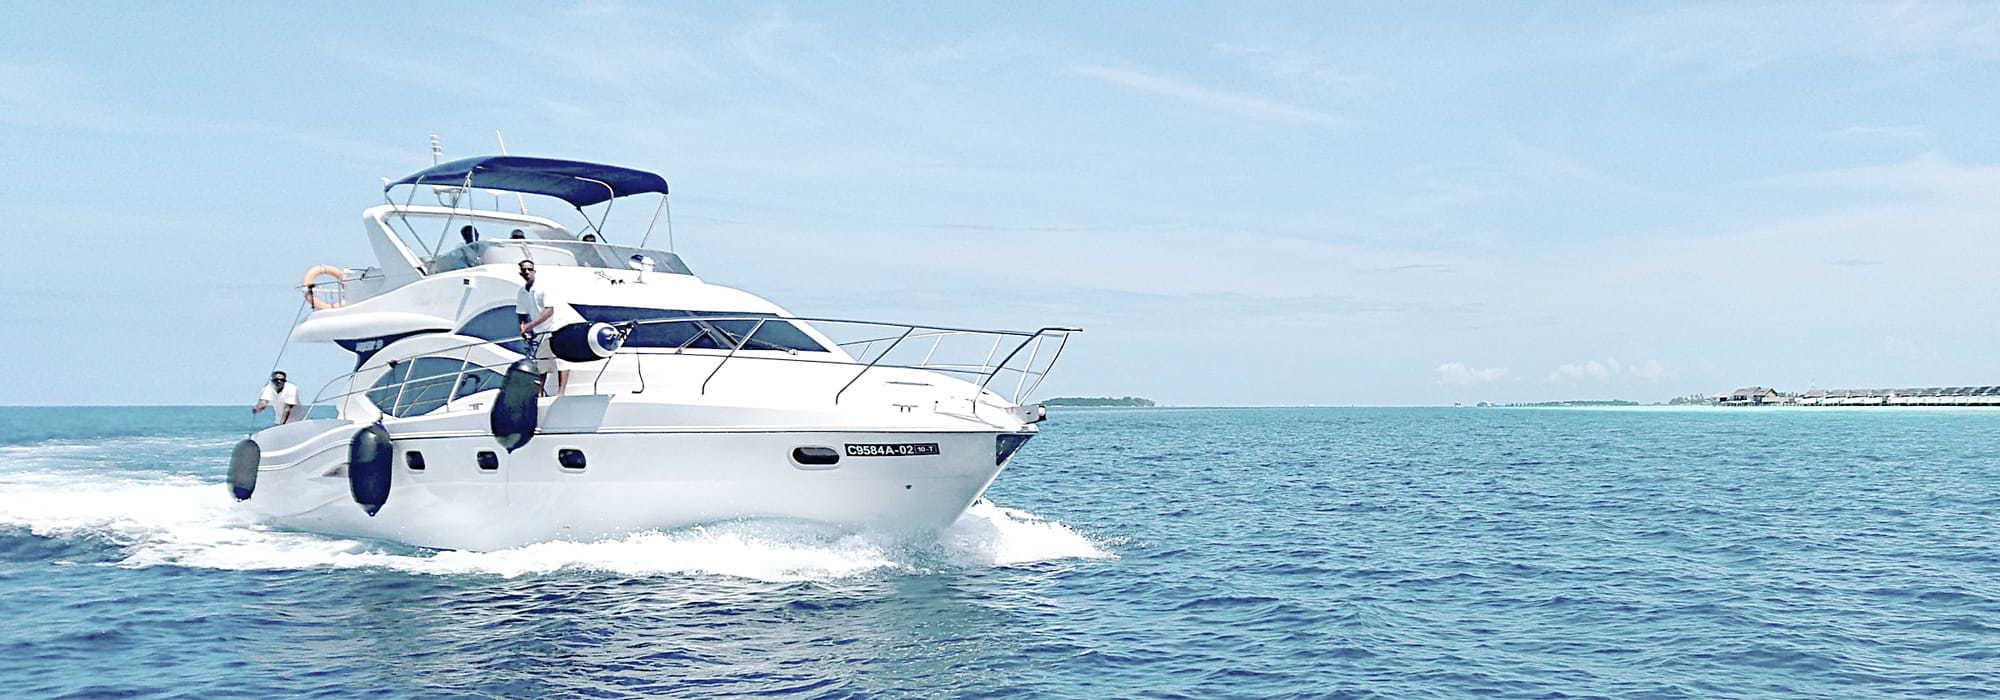 夏日船P海上活動懶人包 Kama Delivery到會餐飲外賣專家